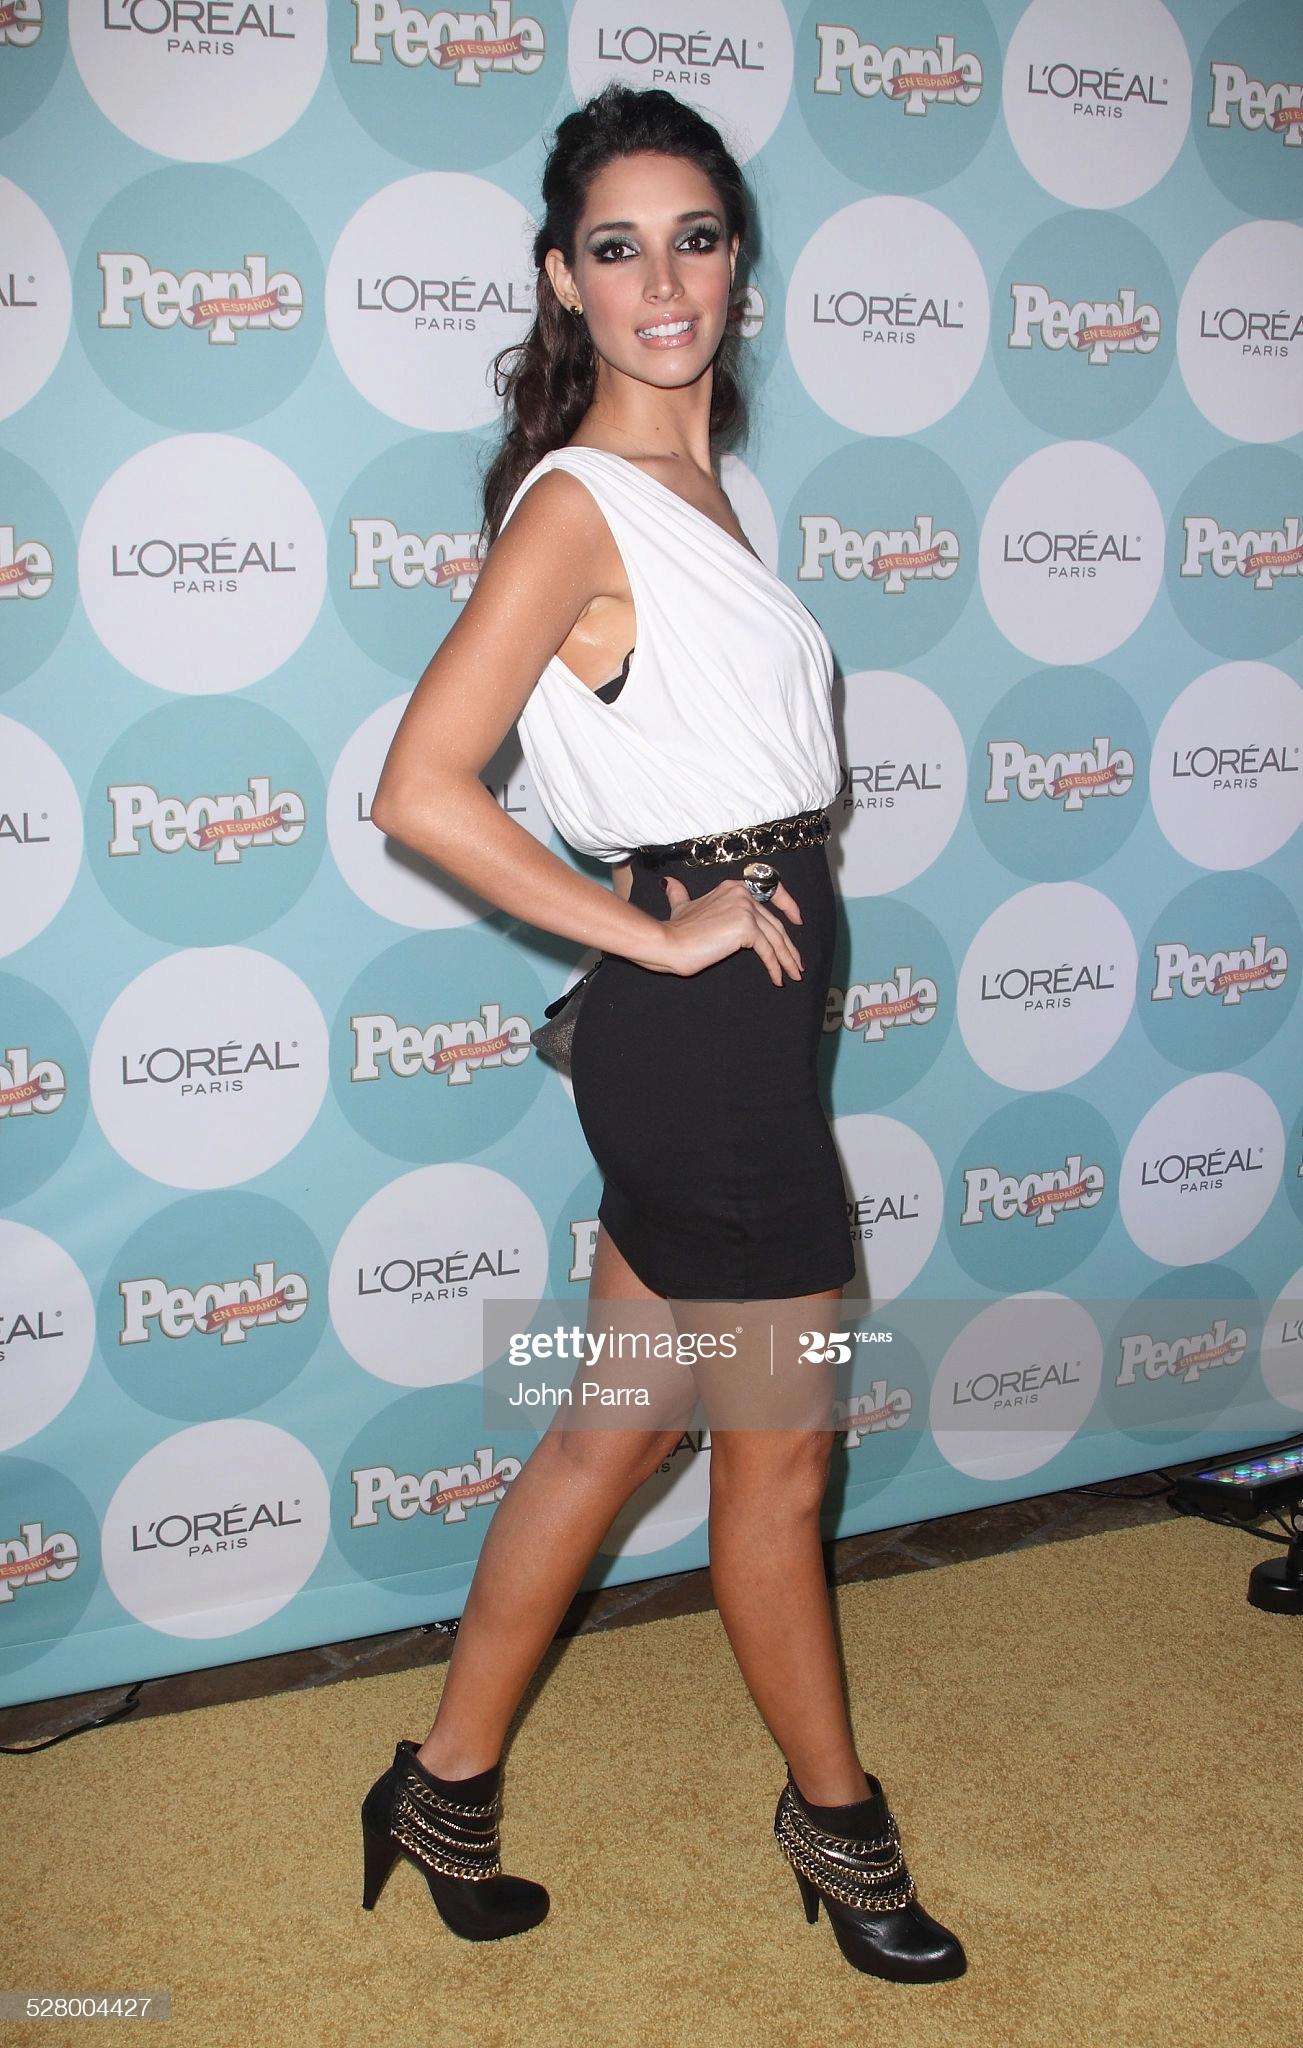 ════ ∘◦❁◦∘ ════ Amelia Vega, Miss Universe 2003. ════ ∘◦❁◦∘ ════ - Página 12 Amelia12